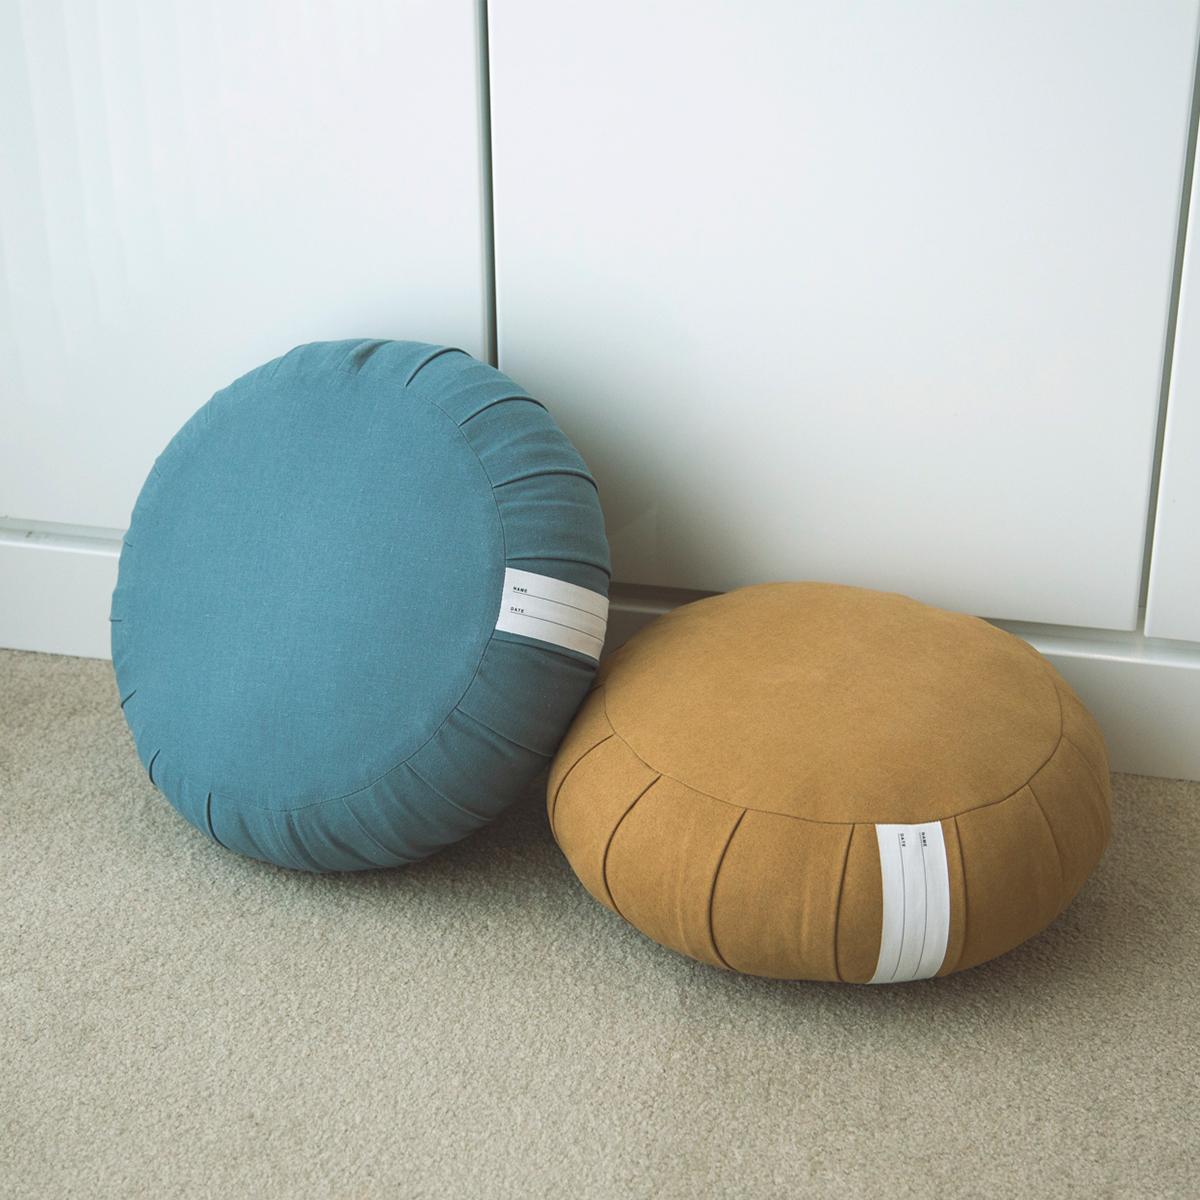 リラックス状態なのに呼吸がしやすい。長時間の坐禅・瞑想も快適に座ることができる。坐禅蒲団(坐蒲)・瞑想用クッション| ZAF(ザフ)